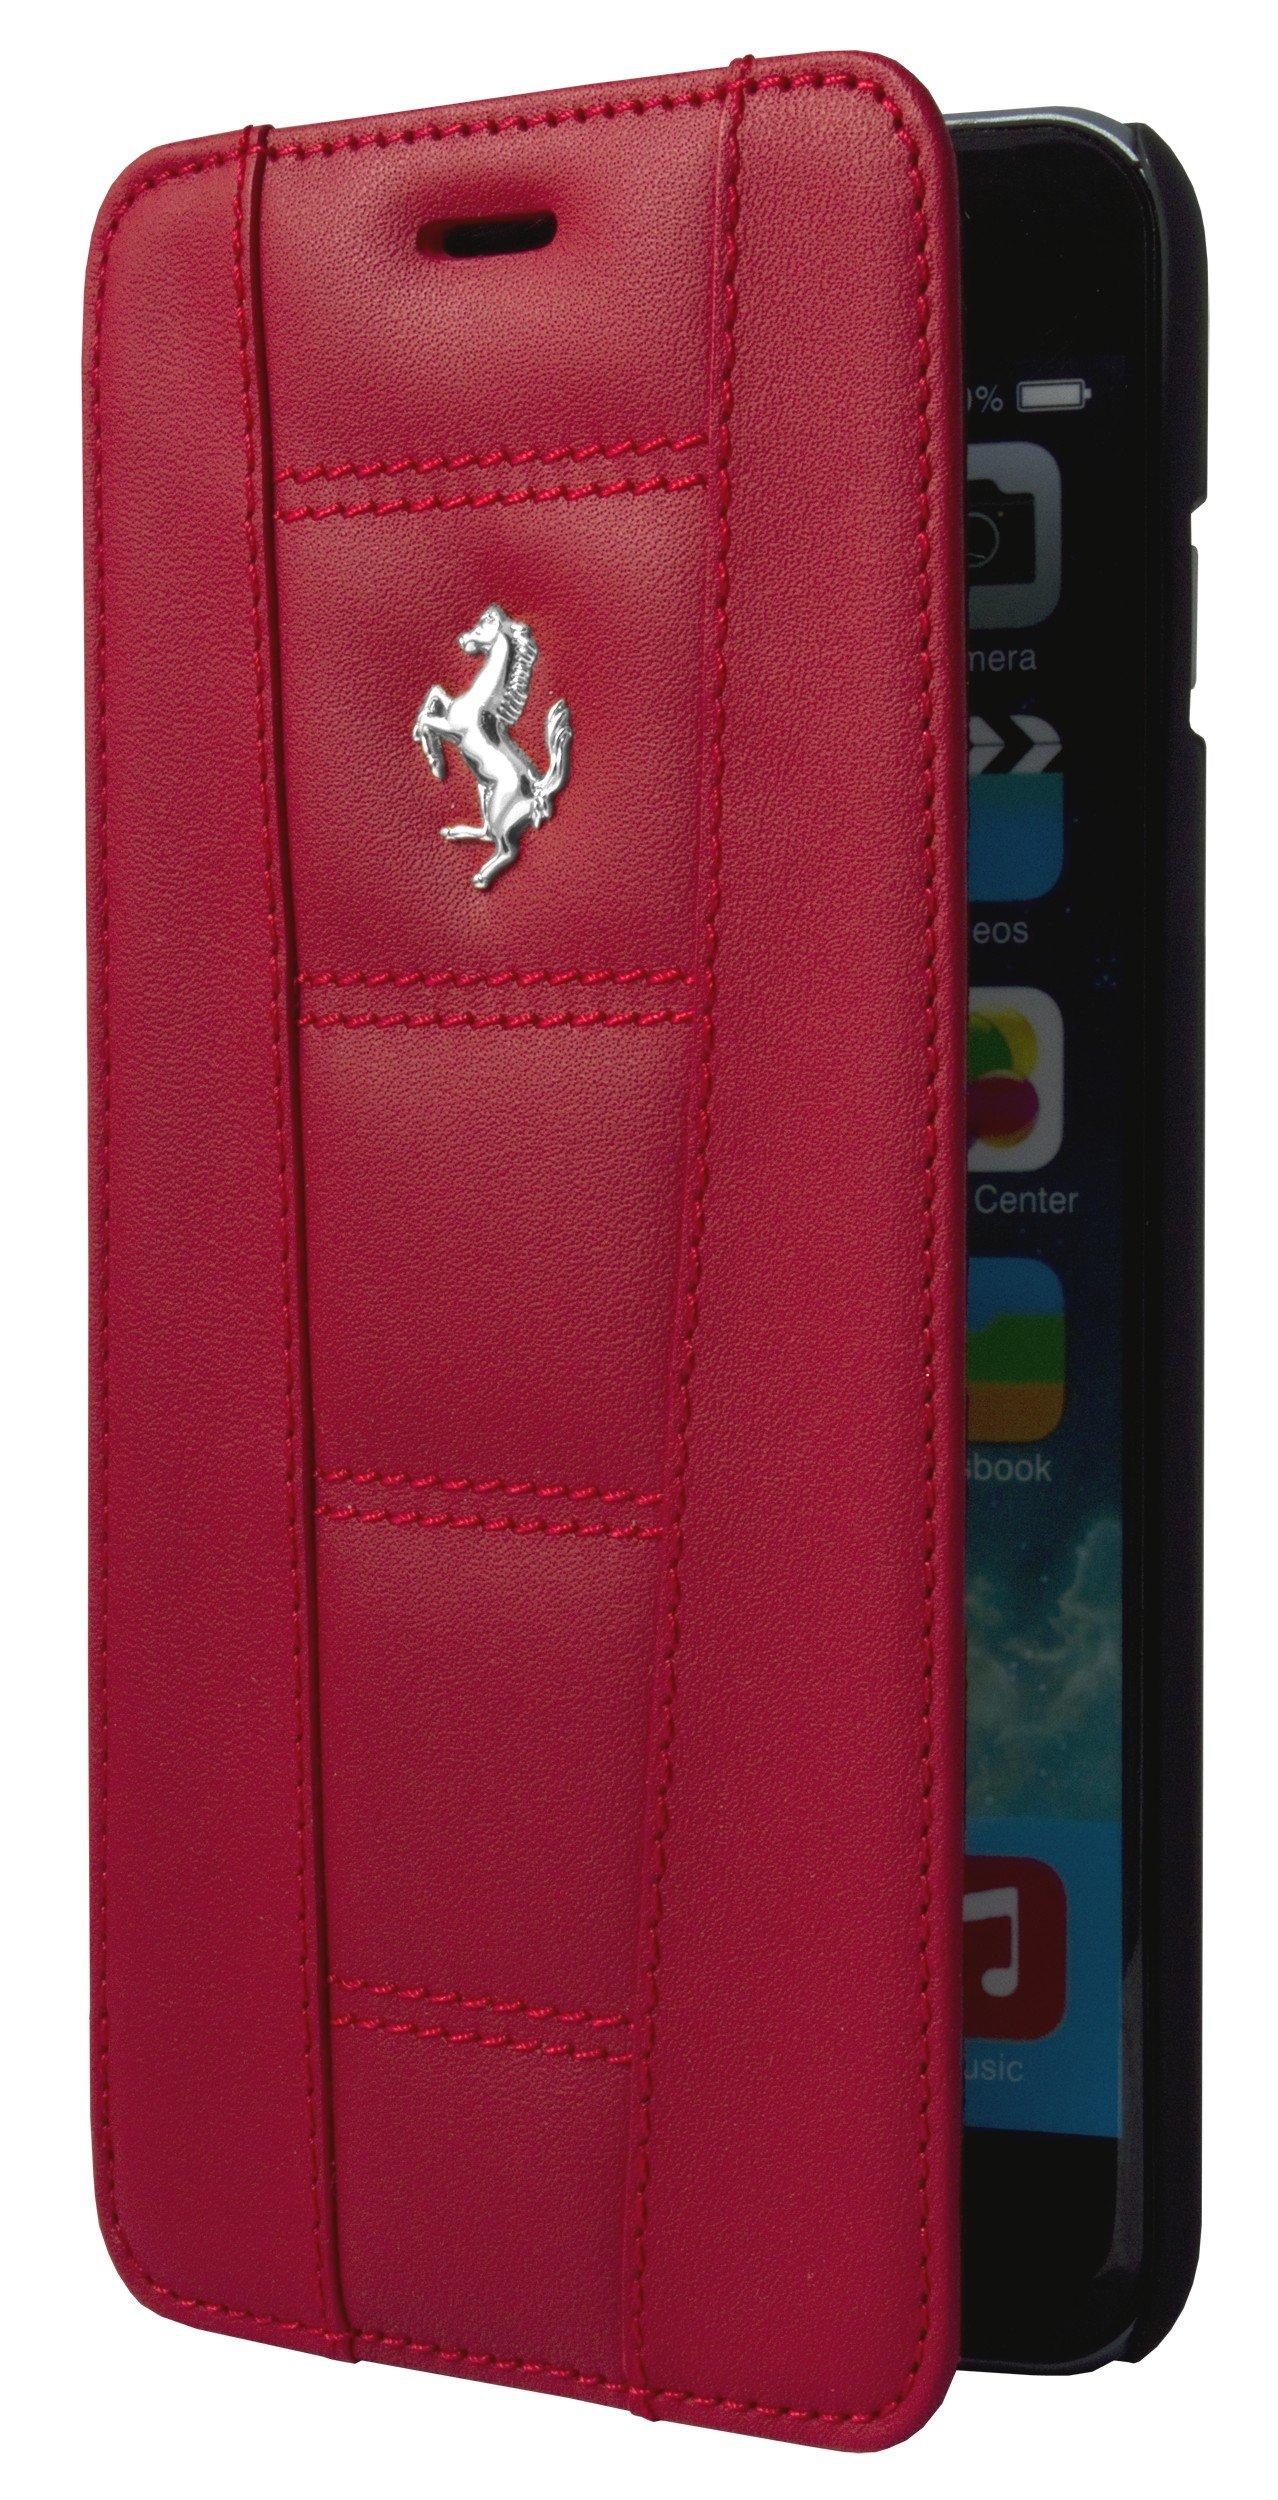 Ferrari 458 Red Real Genuine Leather Booktype Folio Case for iPhone 6 Plus